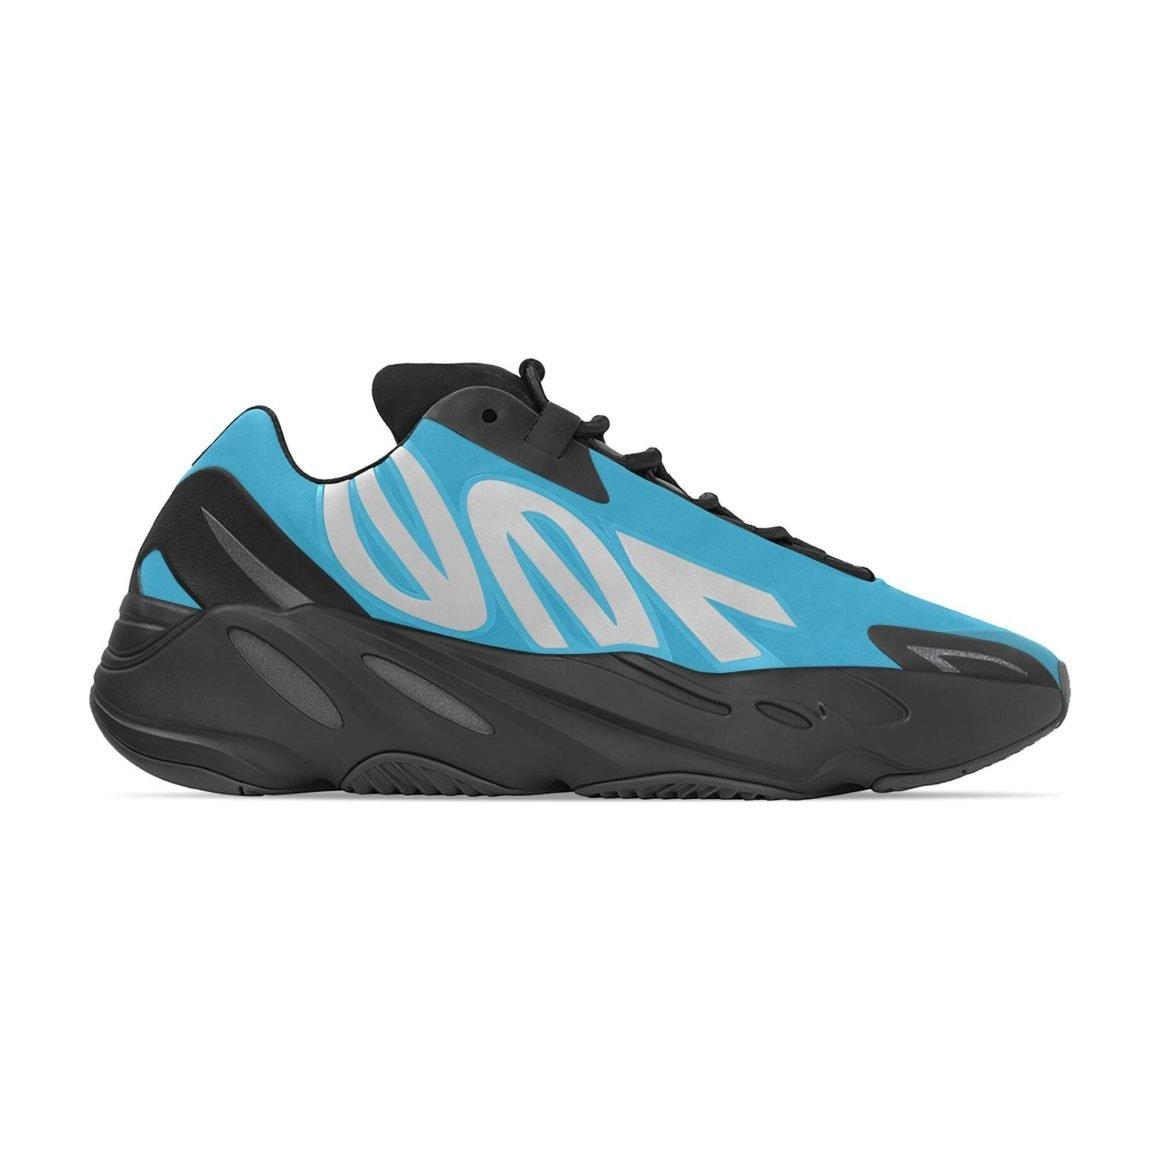 adidas-yeezy-700-MNVN-CYAN-Release-2021